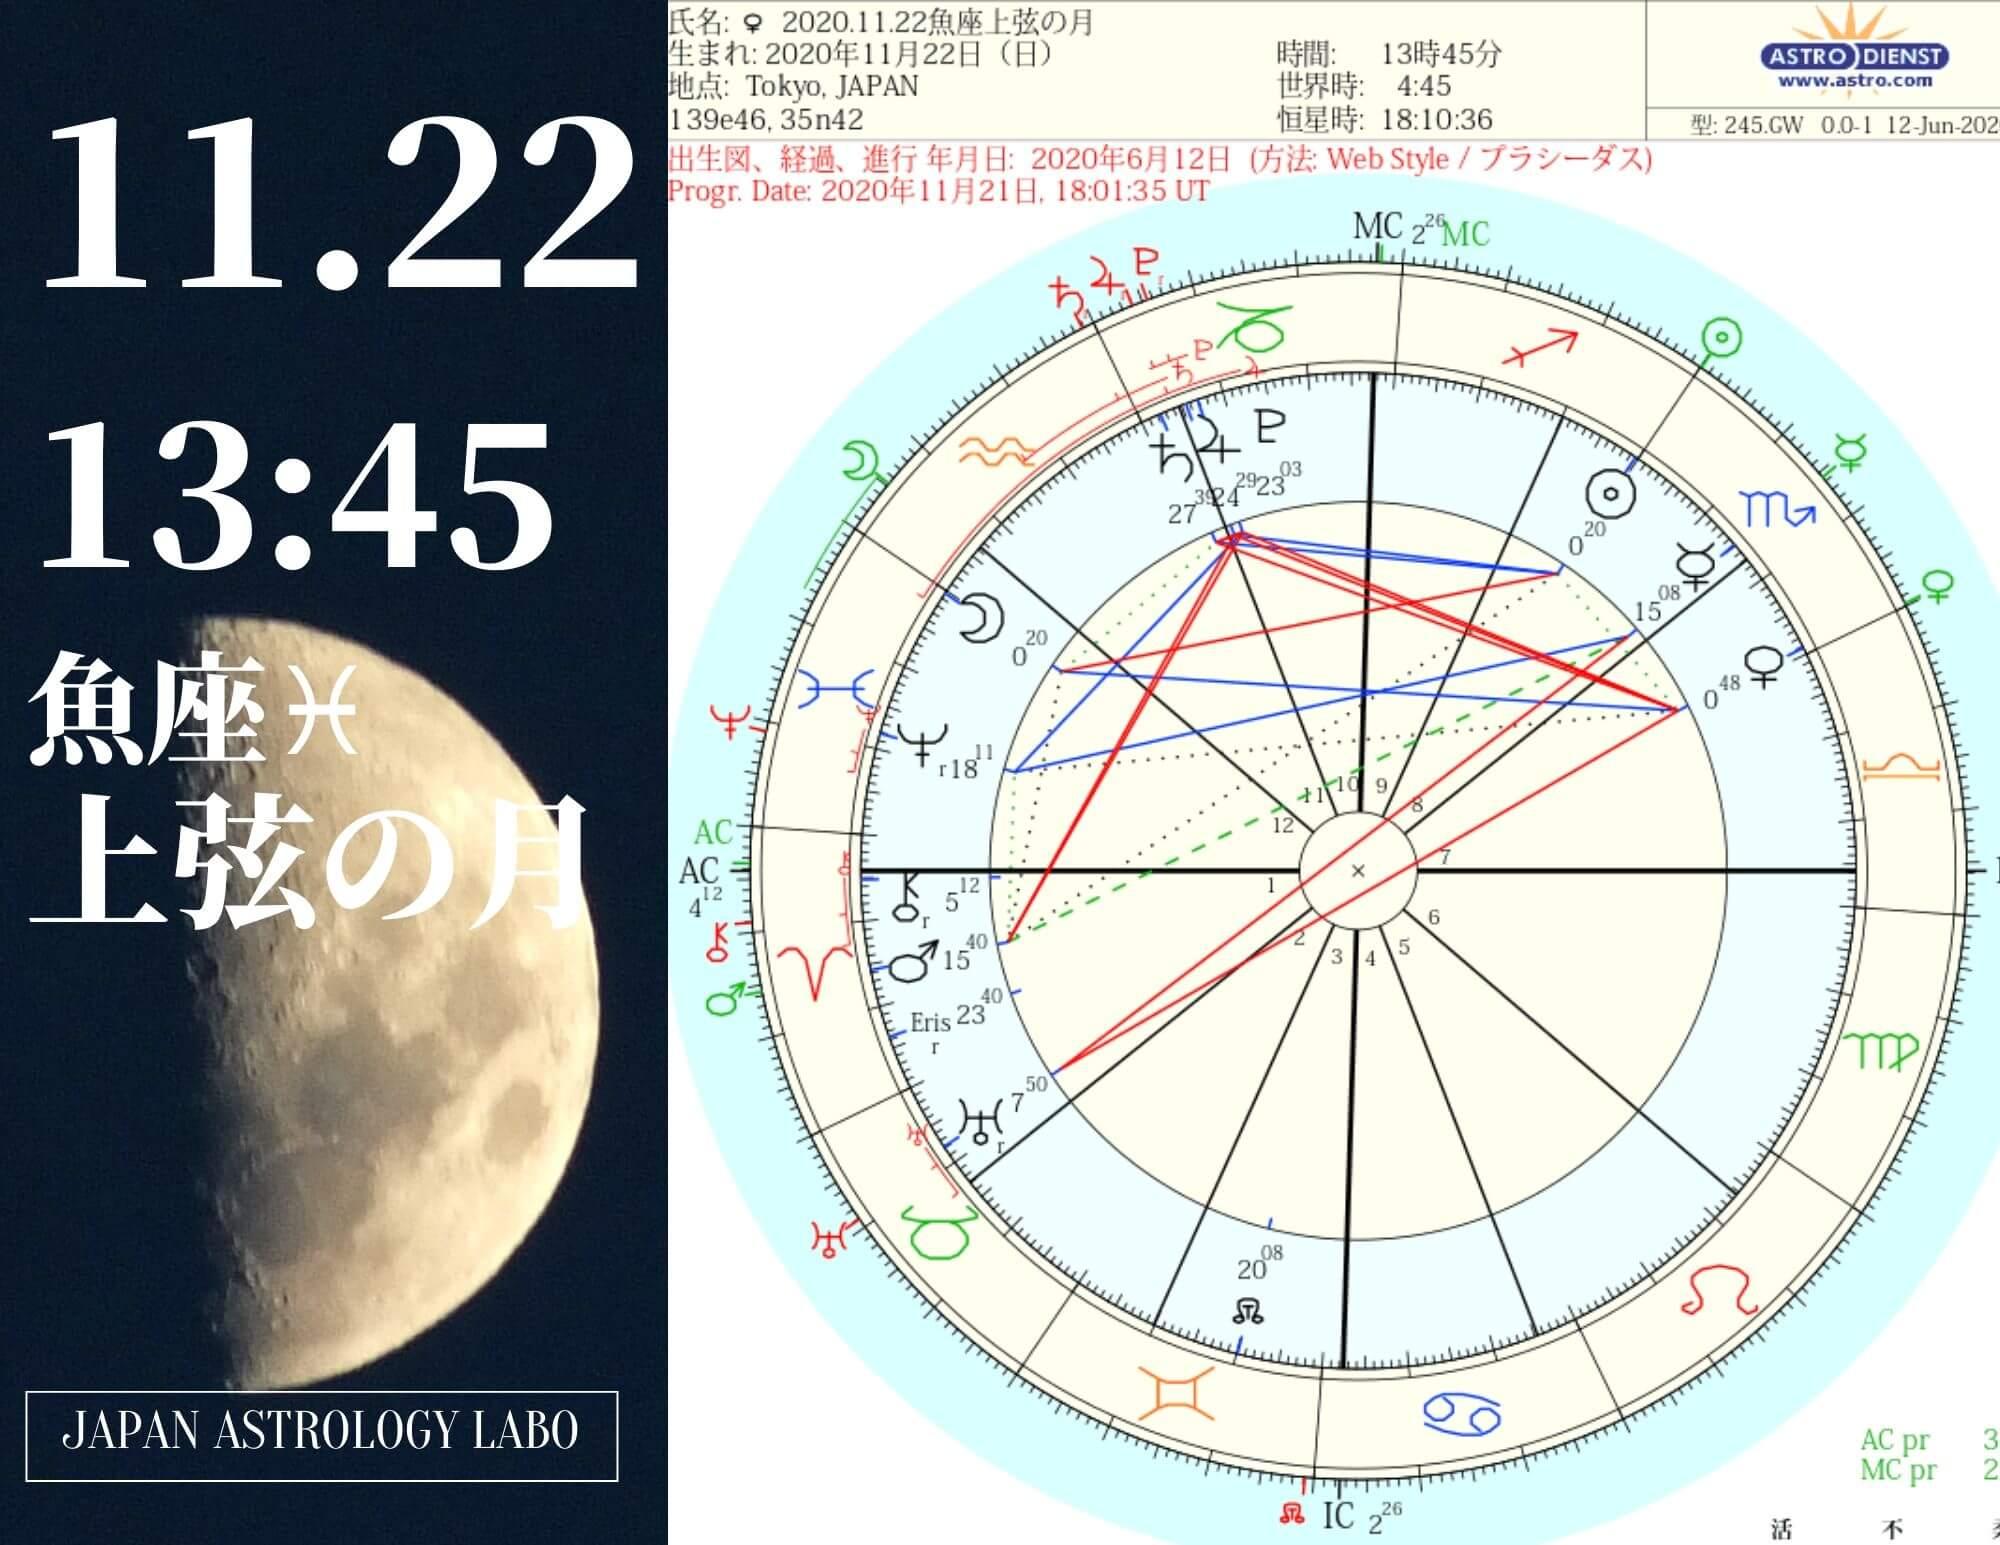 2020年11月15日蠍座上弦の月